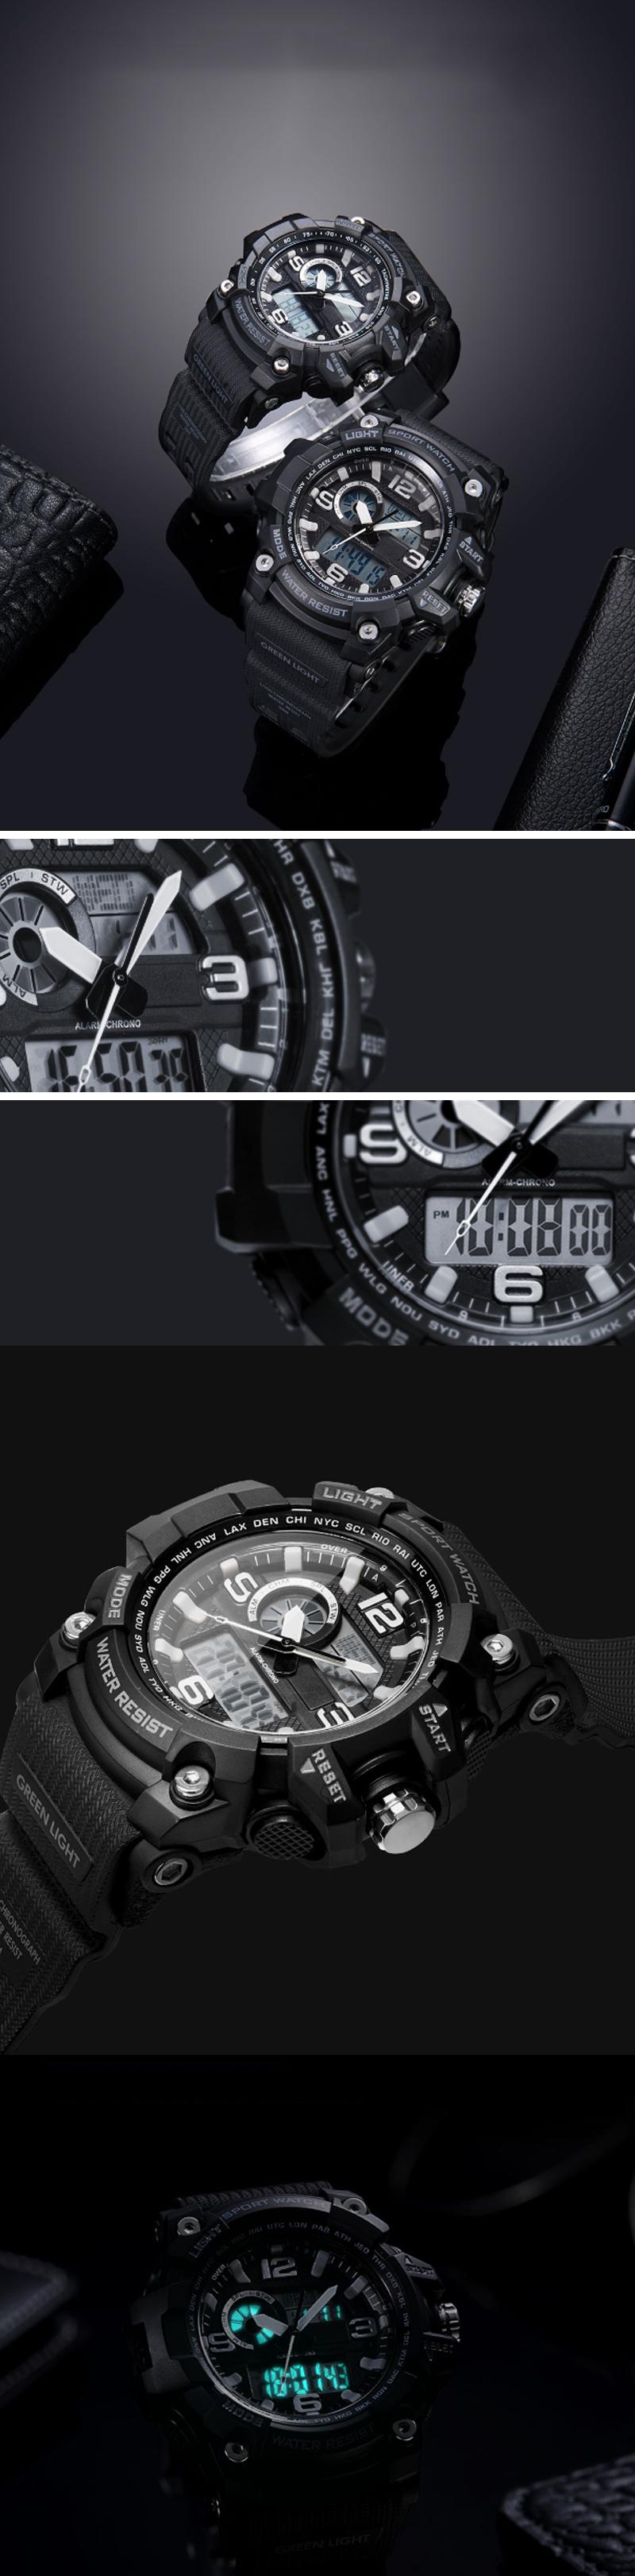 XiaomiTwentySeventeen50ATMВодонепроницаемыЭлектроникаДисплей Цифровые часы На открытом воздухе Спортивные умные час - фото 2